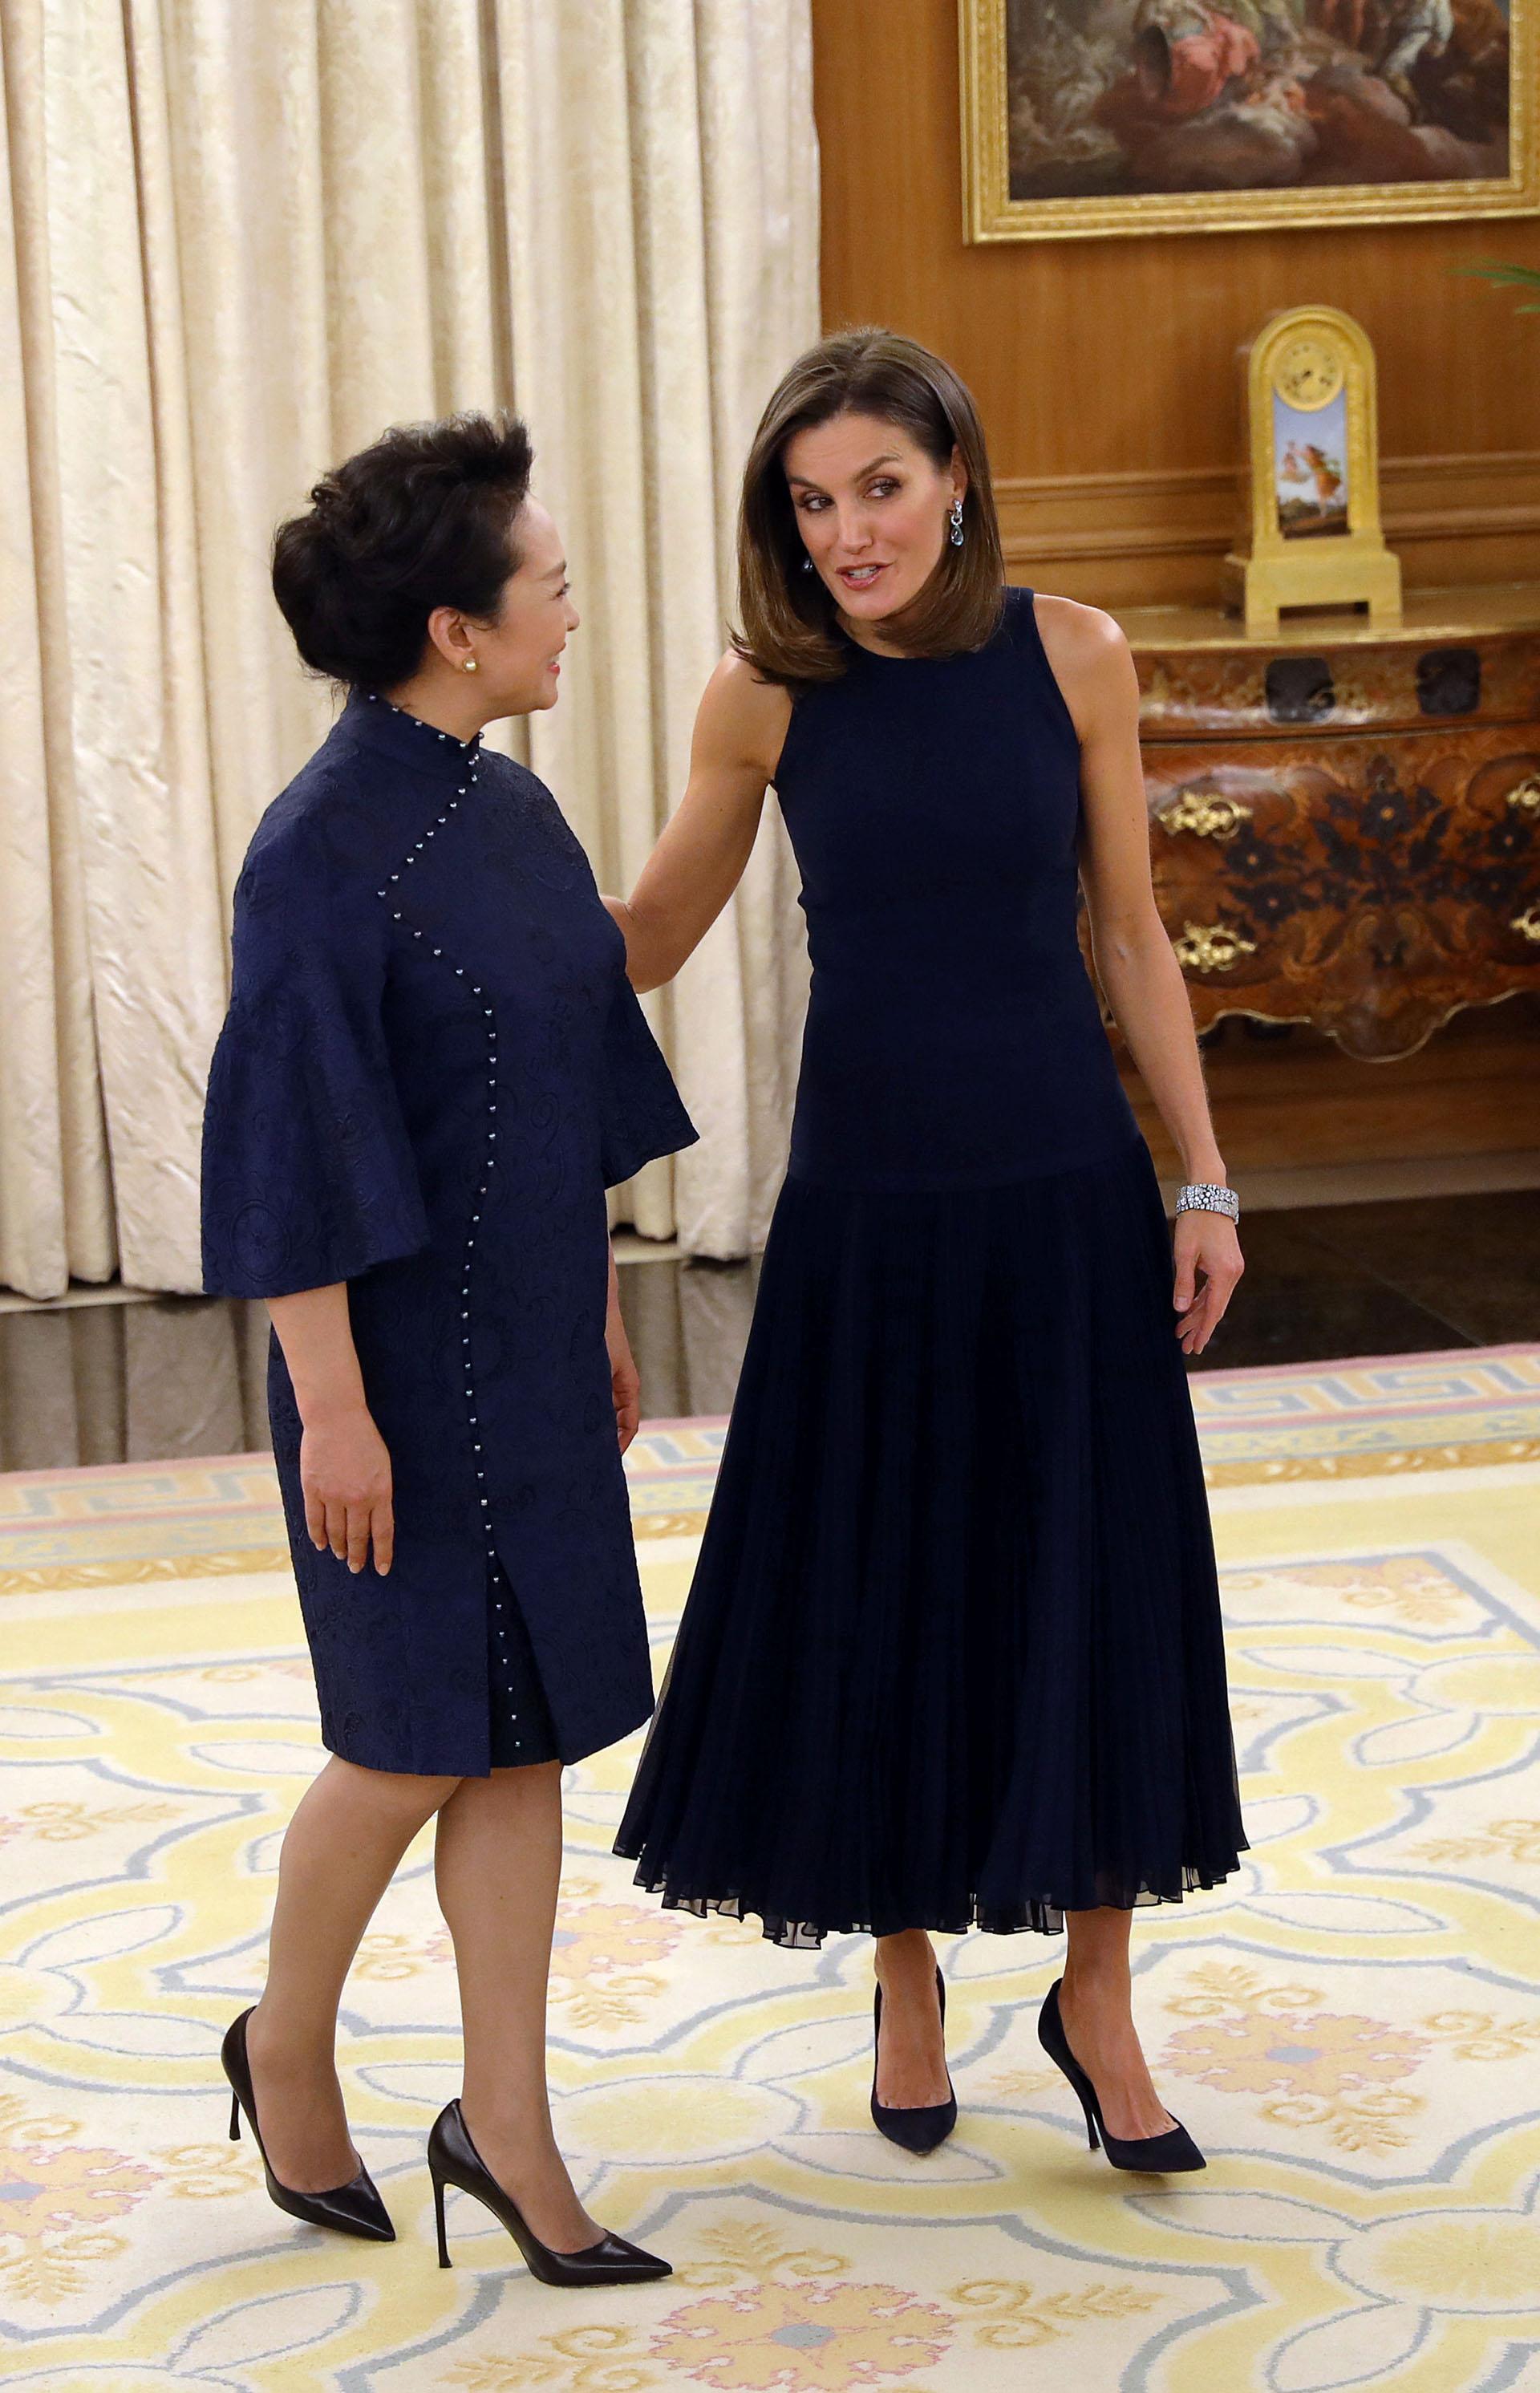 La reina Letizia y la primera dama china brillaron con su elegancia